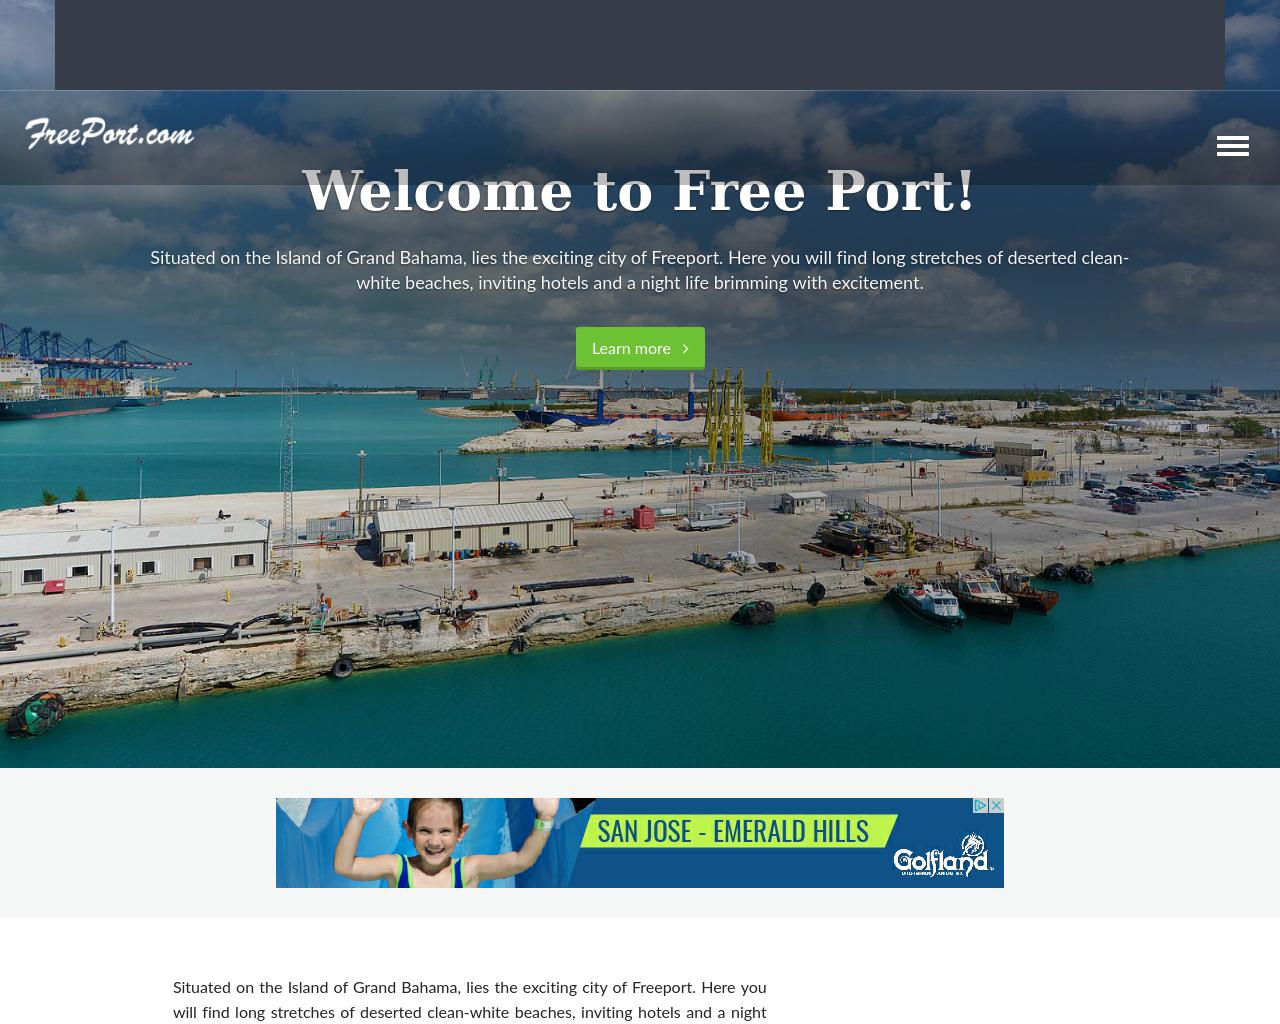 freeport.com-Advertising-Reviews-Pricing